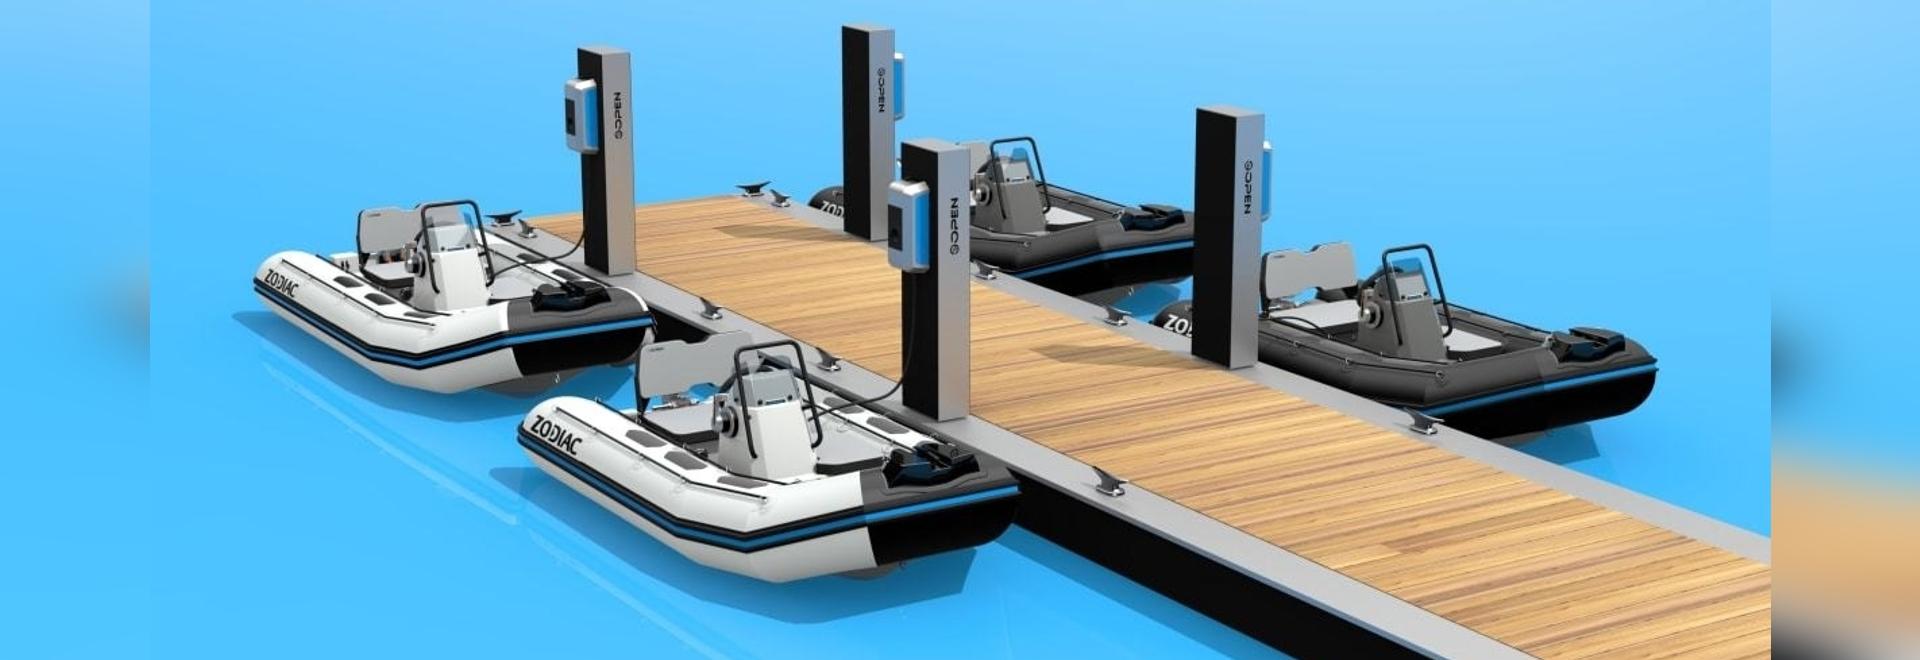 Zodiac lance la gamme E-Boat